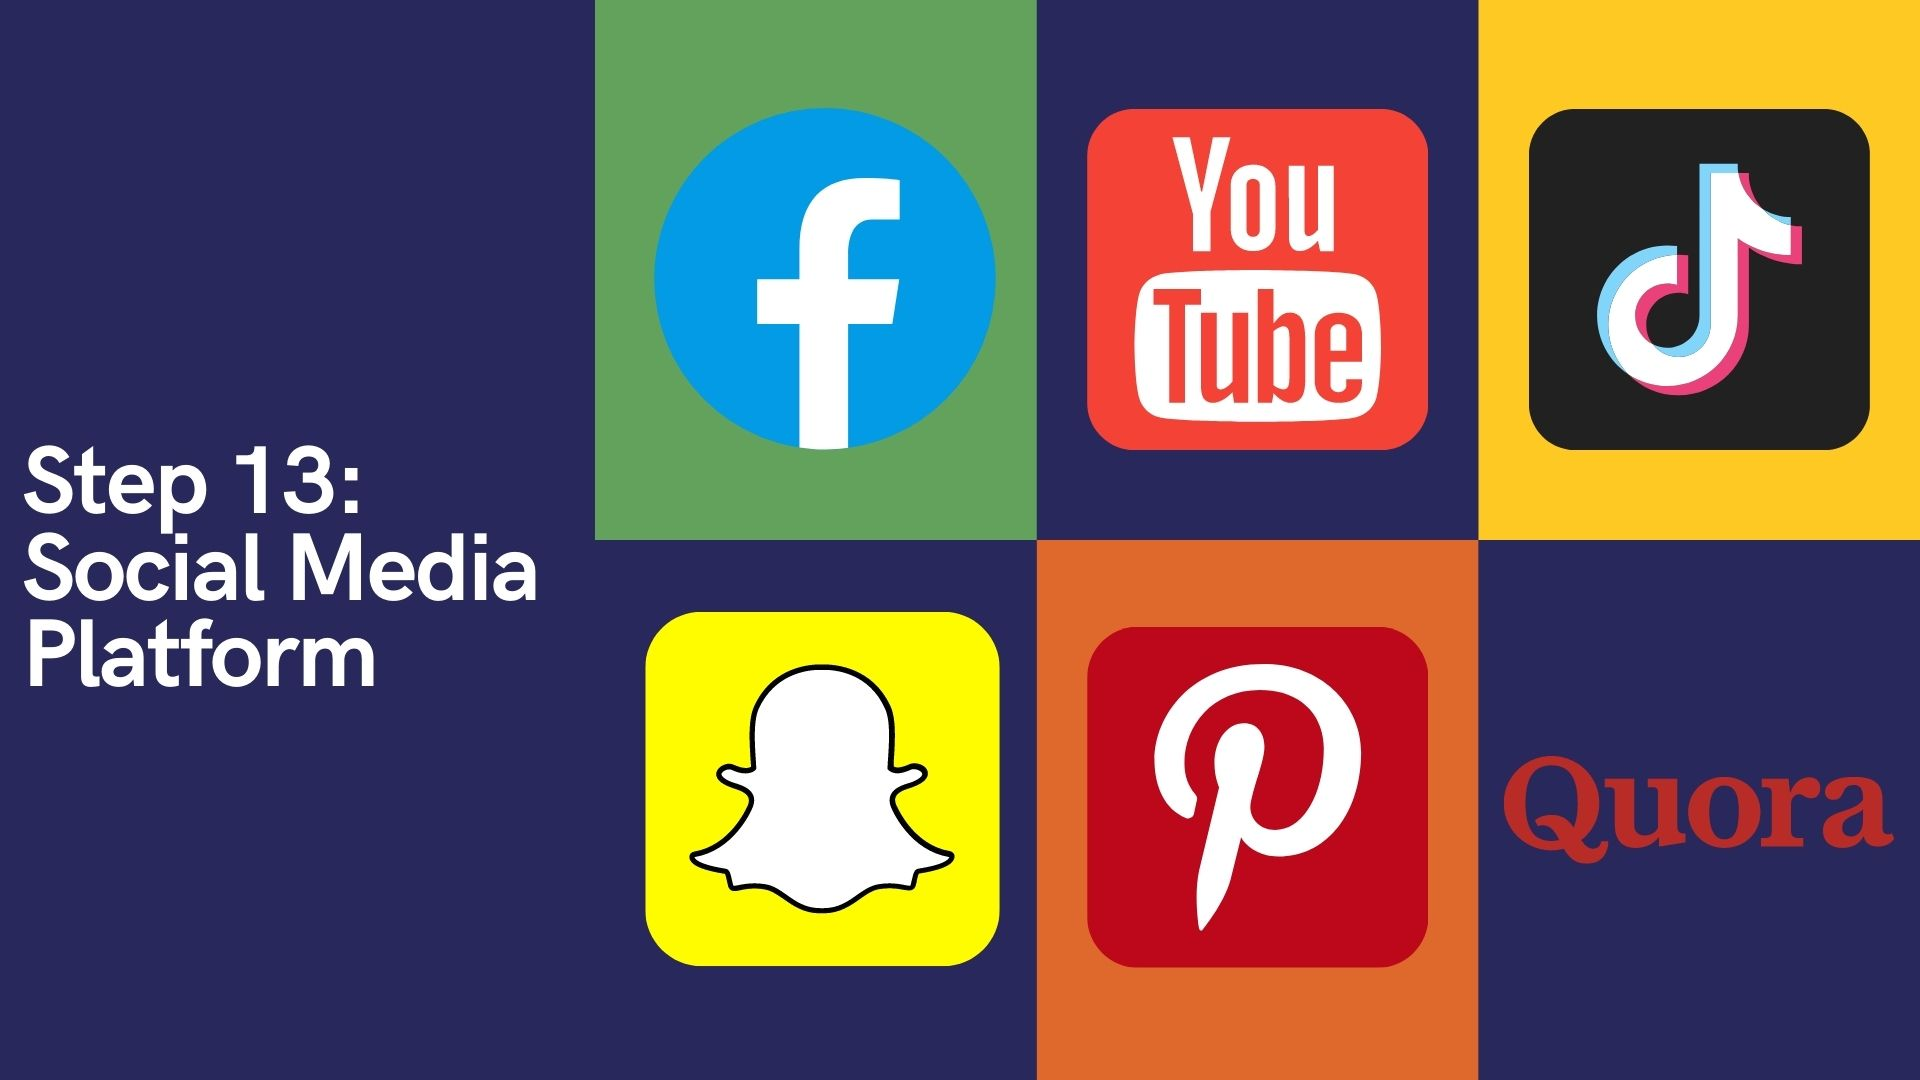 Step 13 Social Media Platform